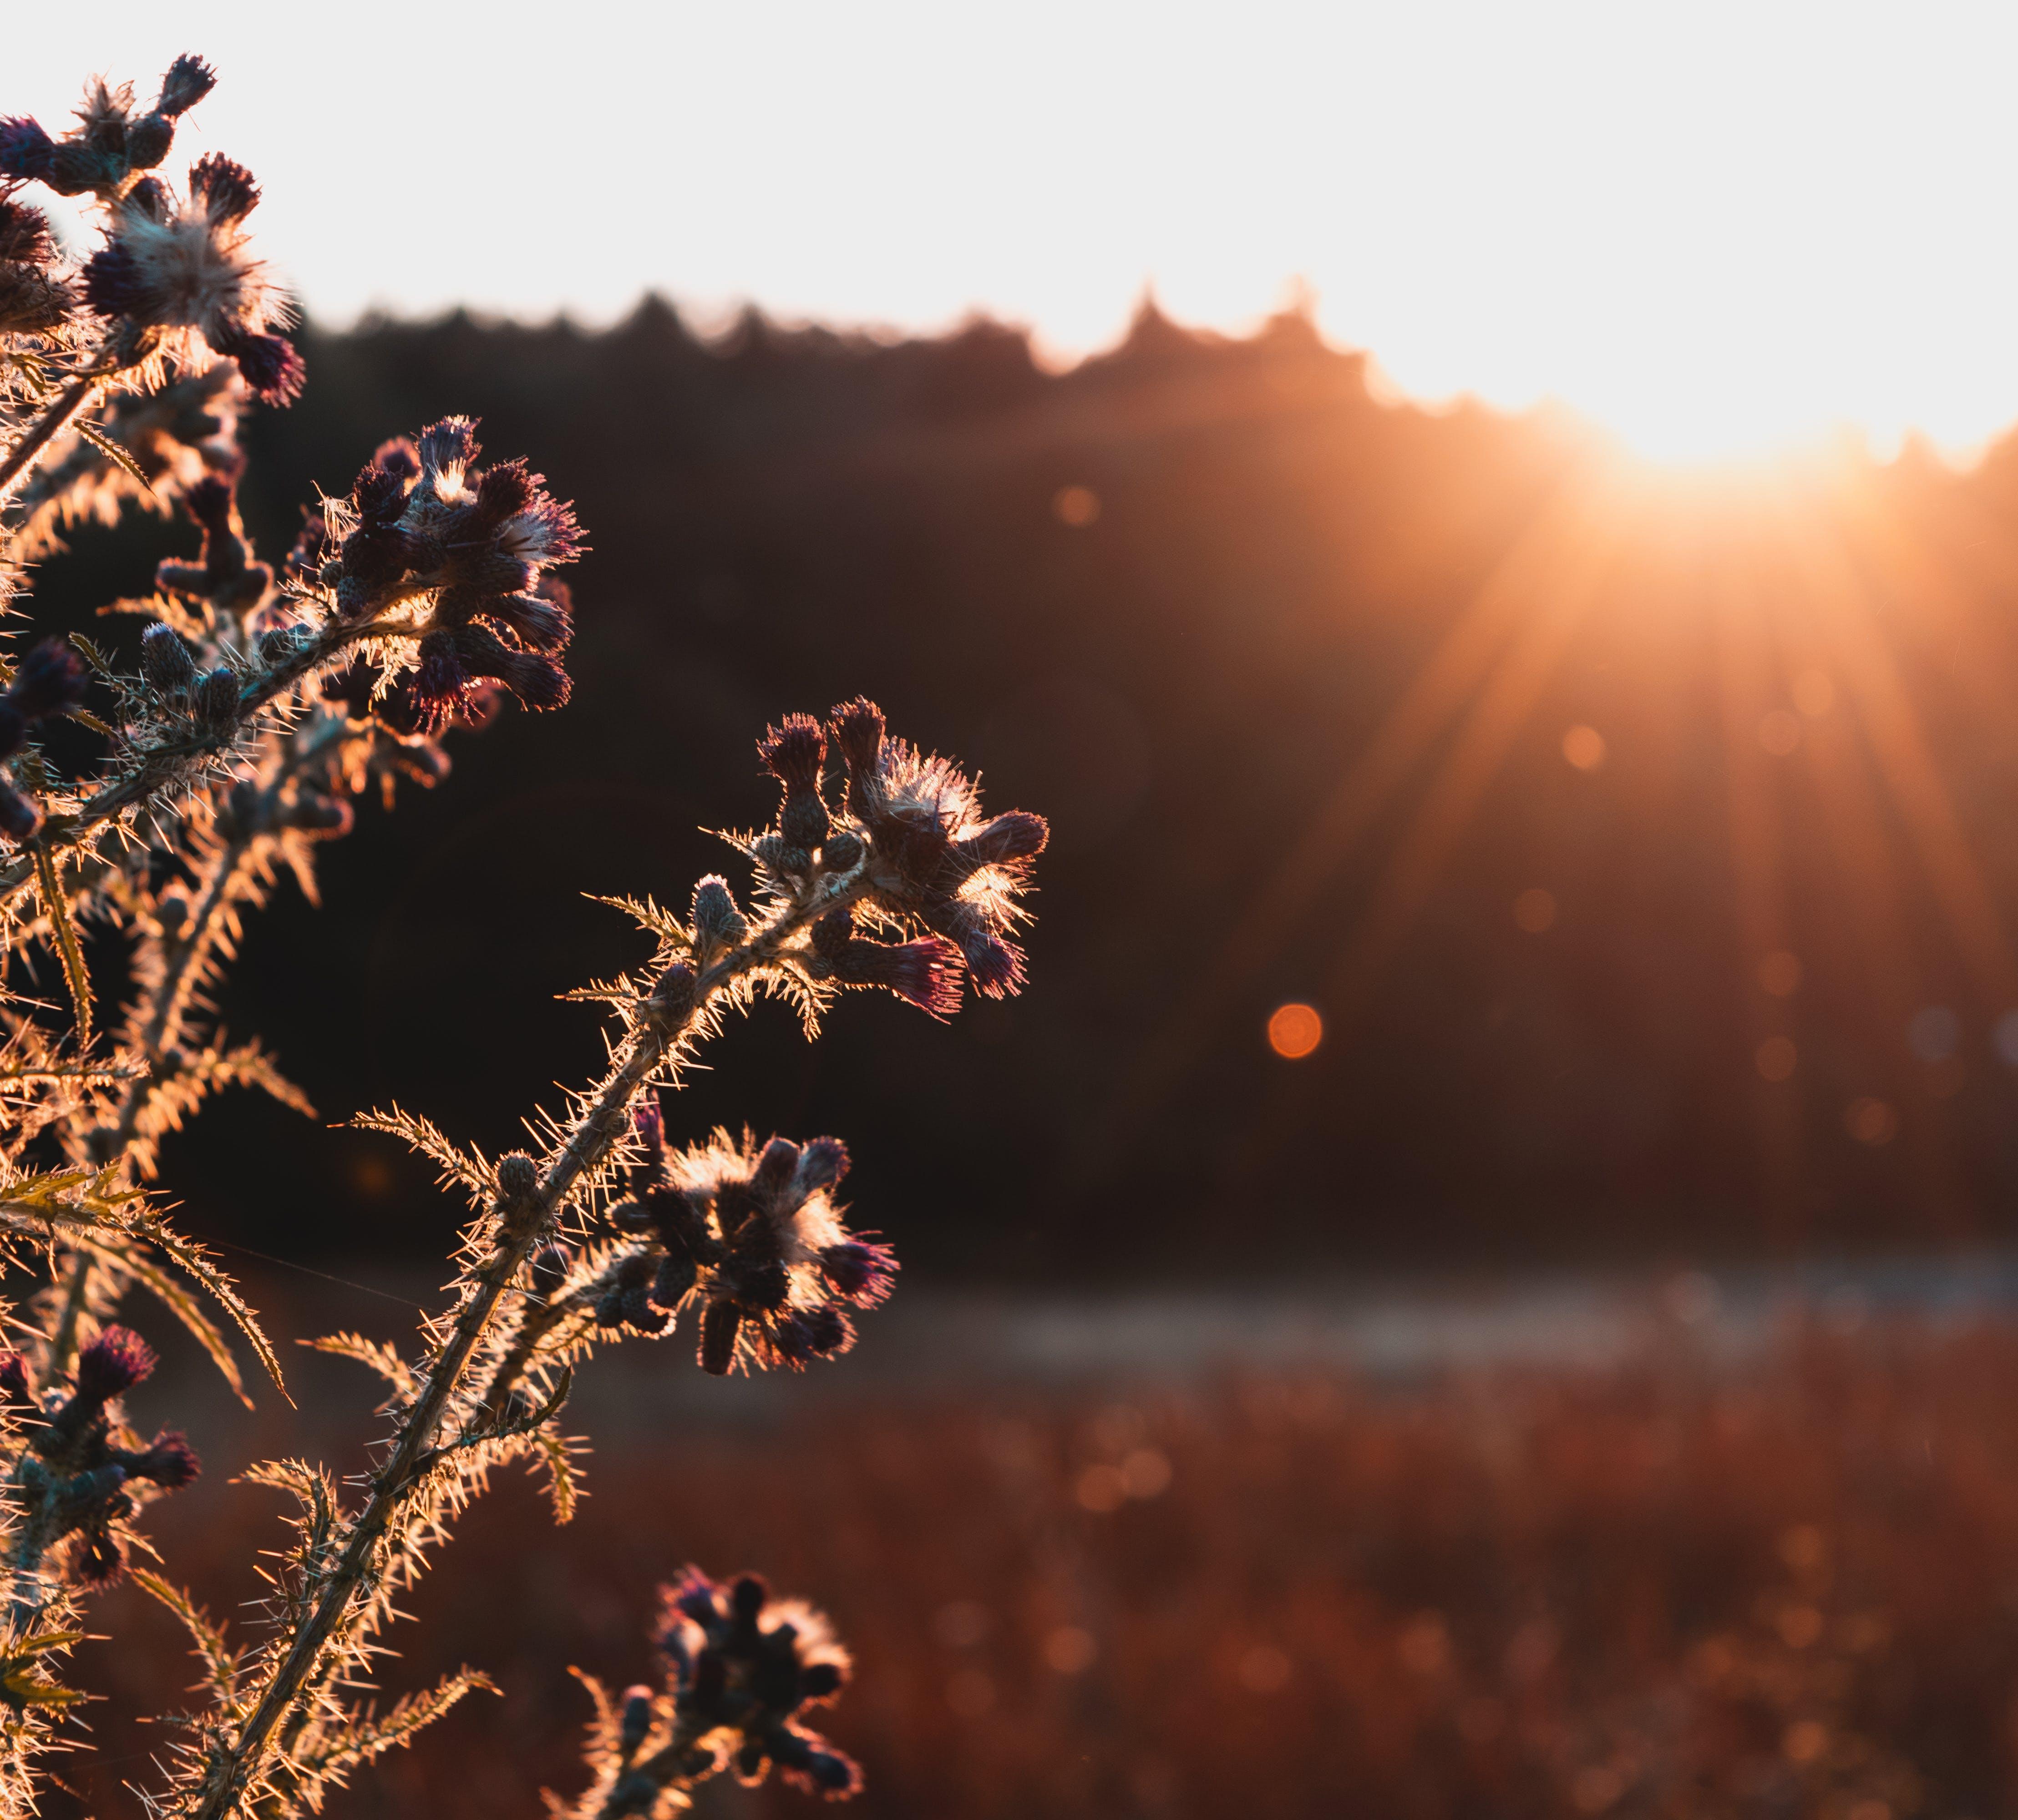 Gratis lagerfoto af blomst, fokus, gylden time, landskab